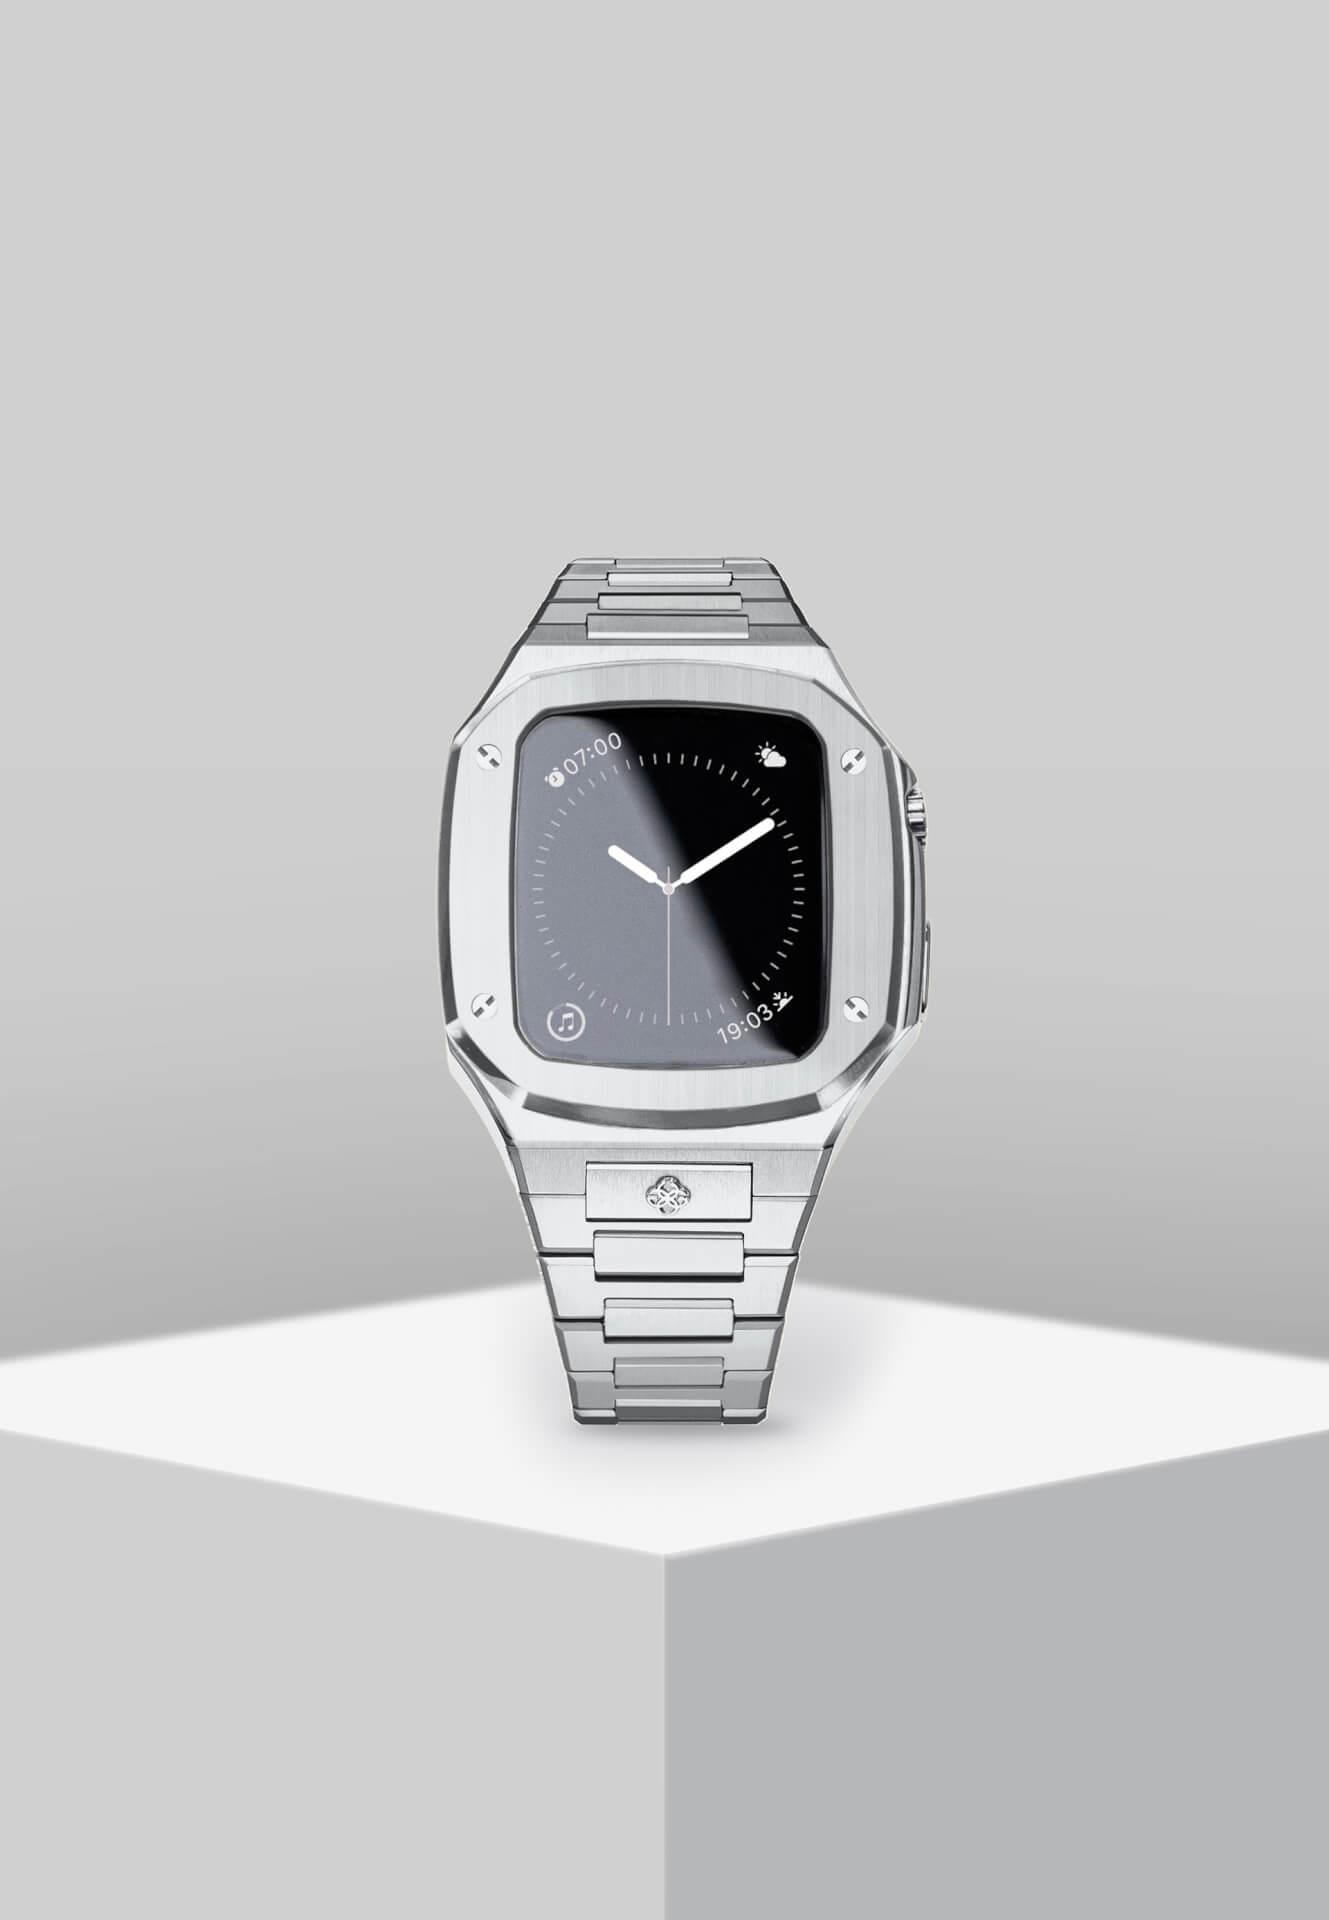 高級感漂うGOLDEN CONCEPTのApple Watchケースに待望の40mm用新コレクションが登場!ホワイト、イエローなどの新カラーがラインナップ tech201124_applewatch_case_19